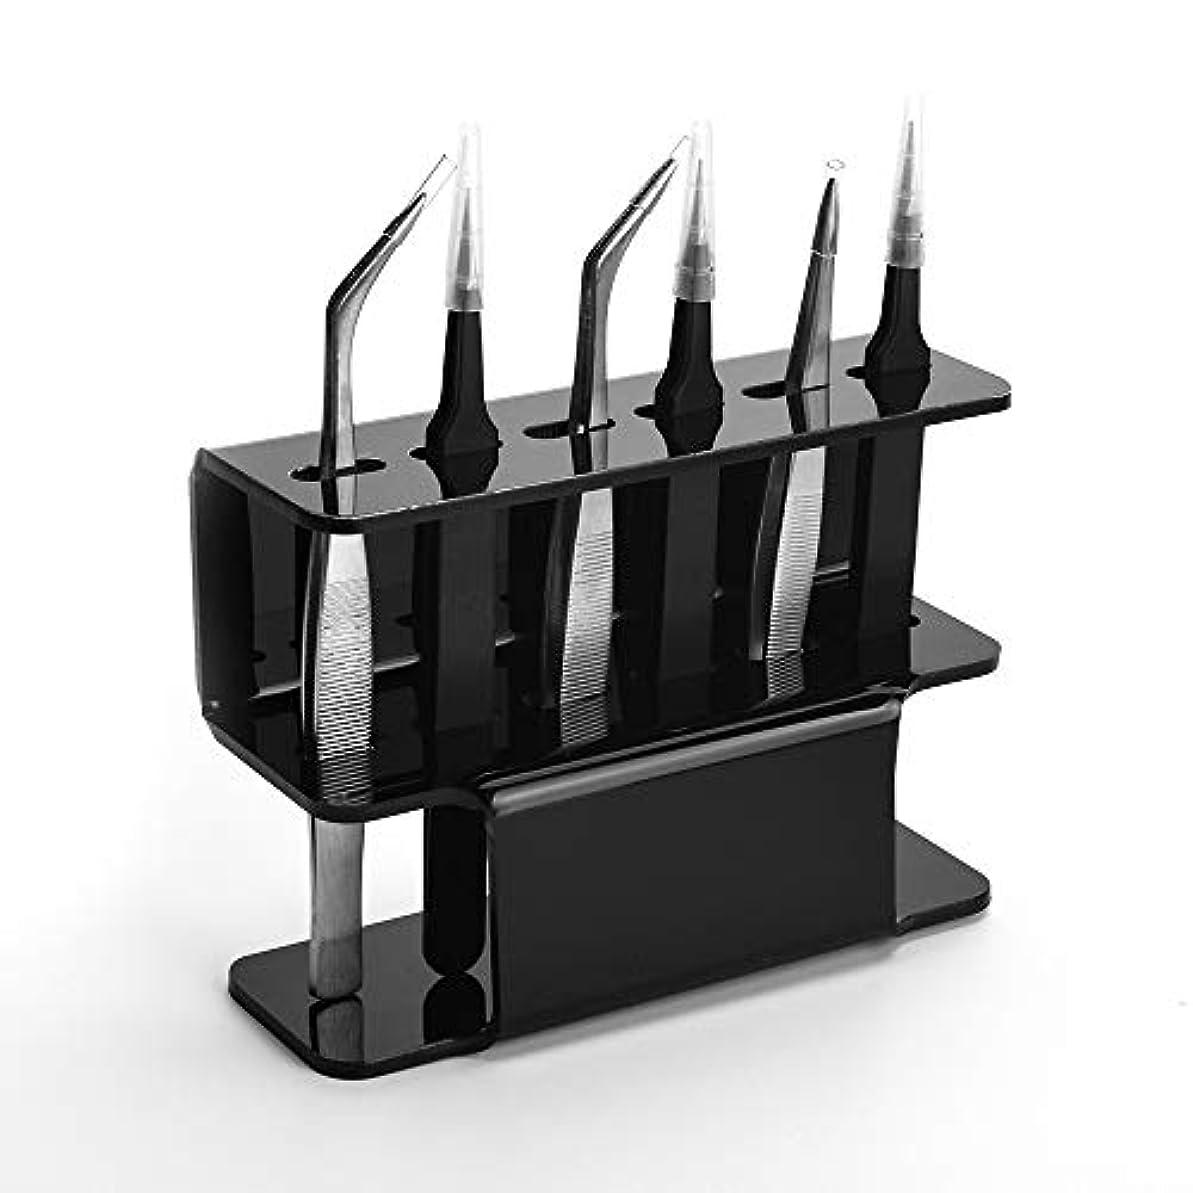 ATOMUS 6穴ピンセットスタンドホルダー収納ラックまつげ用アクリルディスプレイスタンド拡張用品アクセサリーツールピンセットシェルフの収集と配置 (黒)